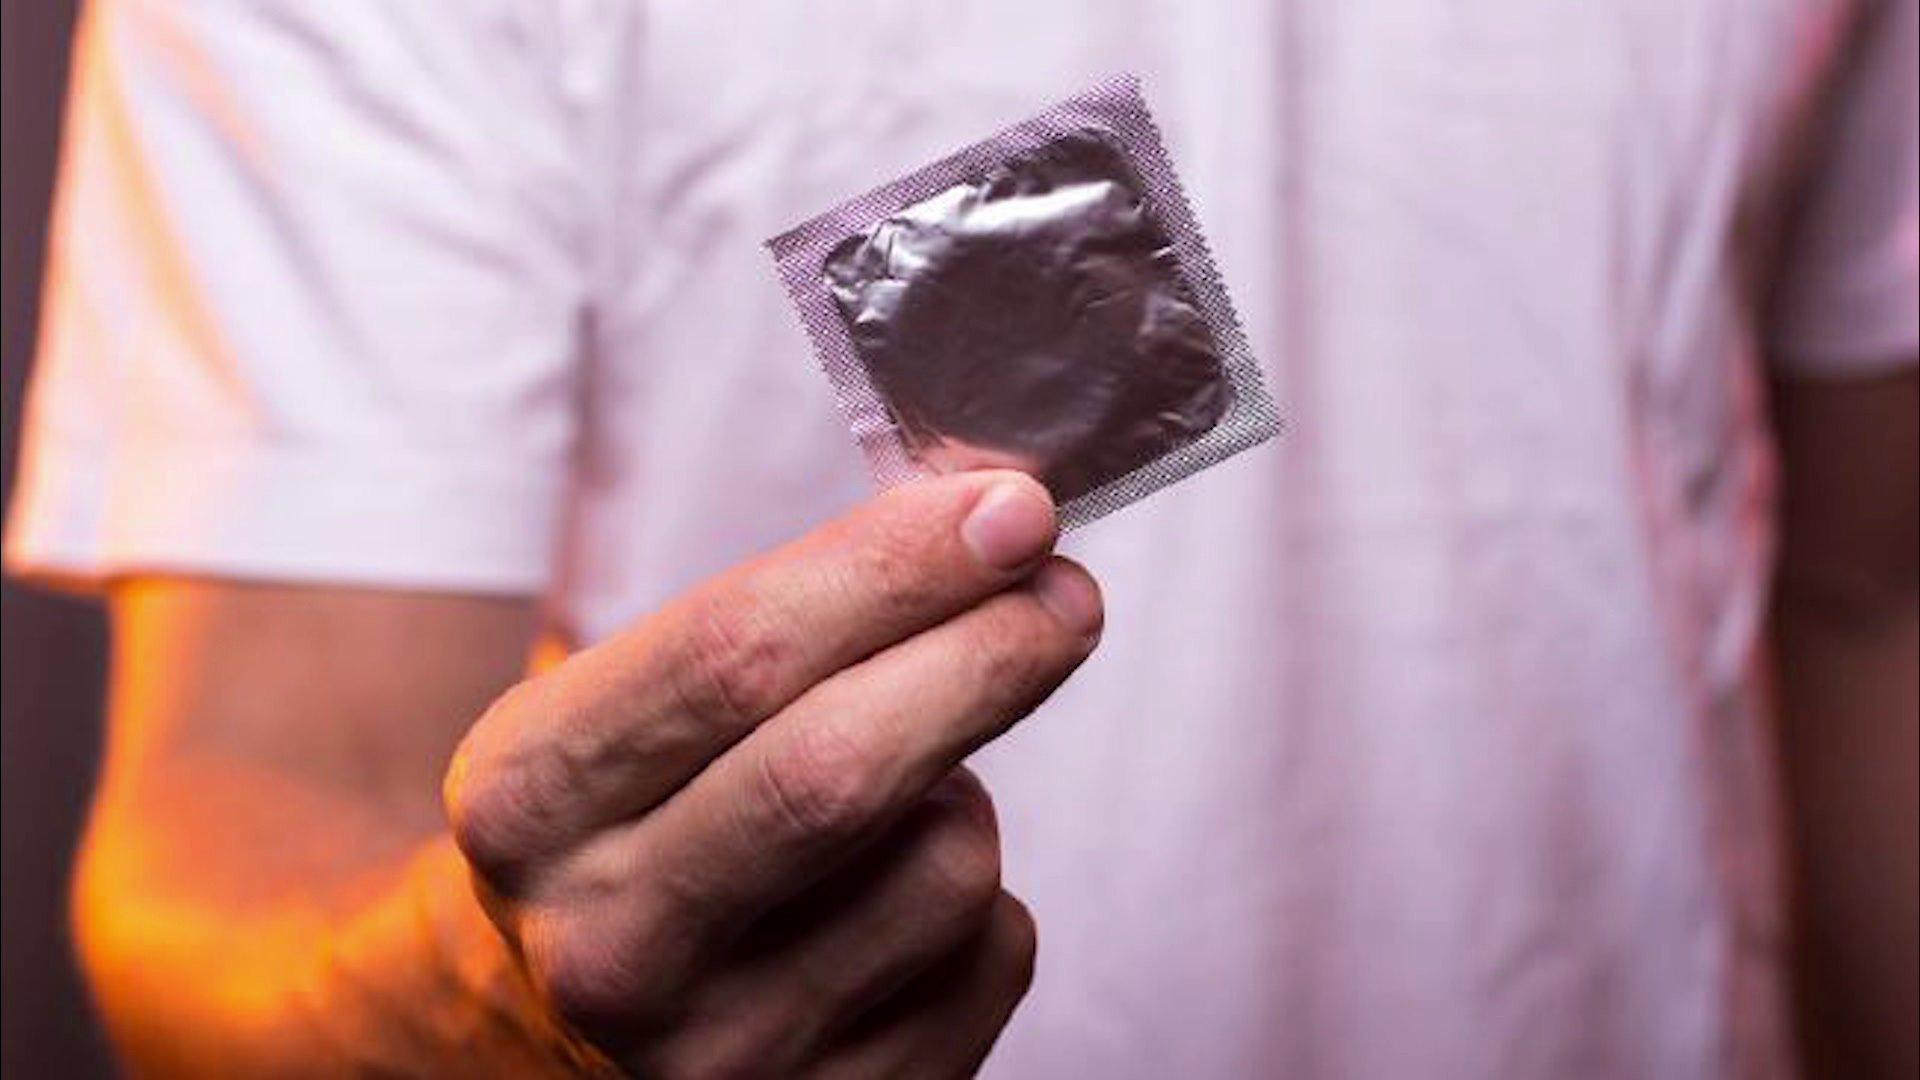 стелсинг снятие презерватива вне закона